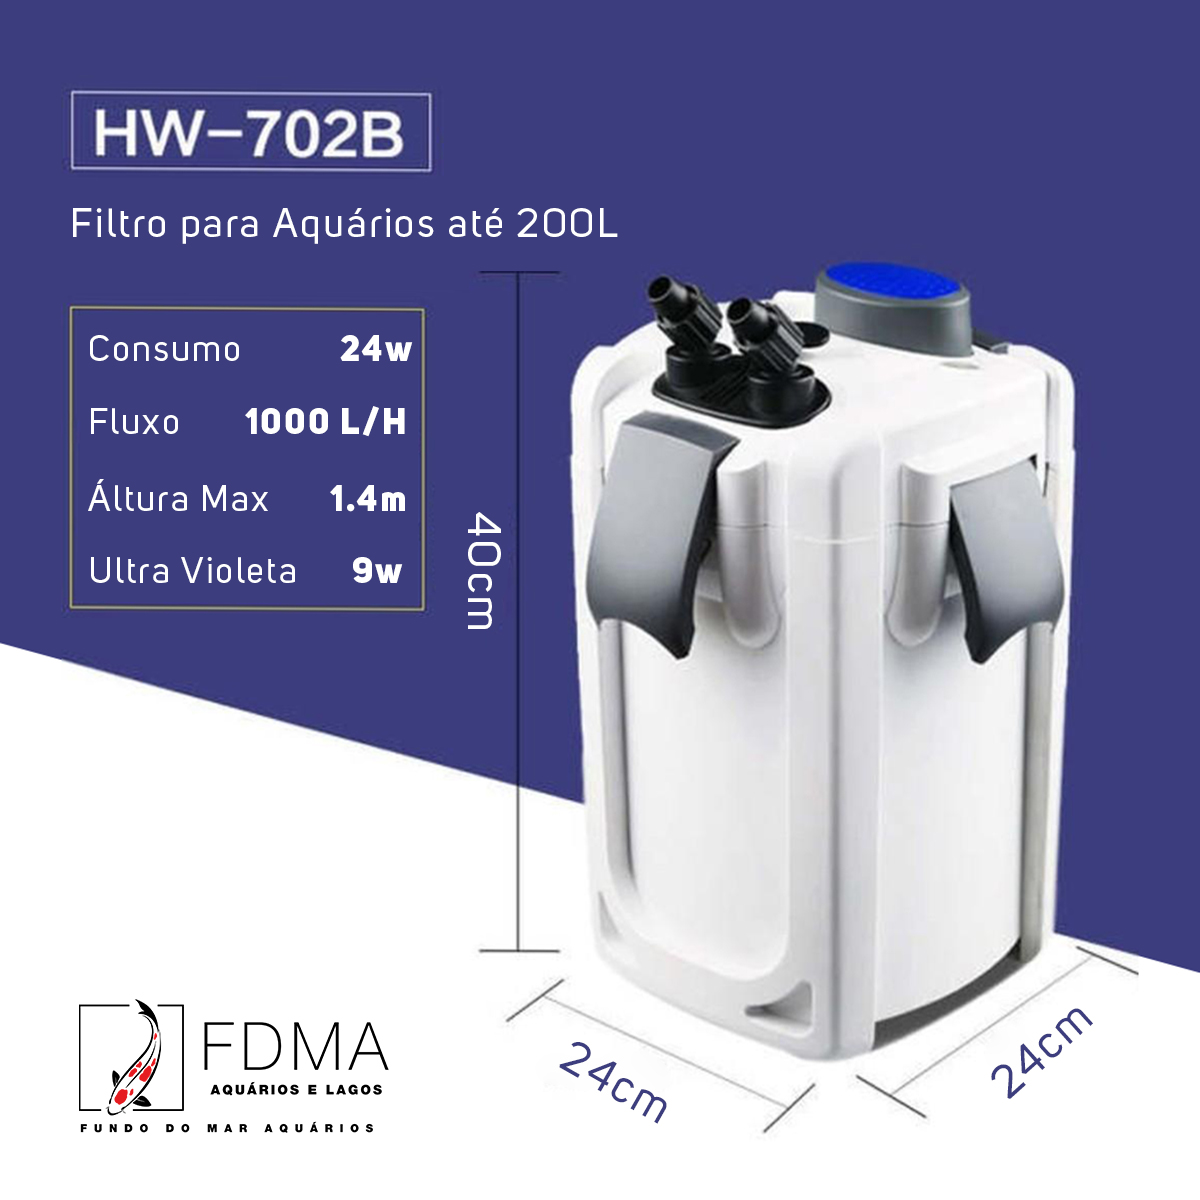 SunSun Filtro Canister Hw-702b 1000l/h Uv 9w até 200L Brinde